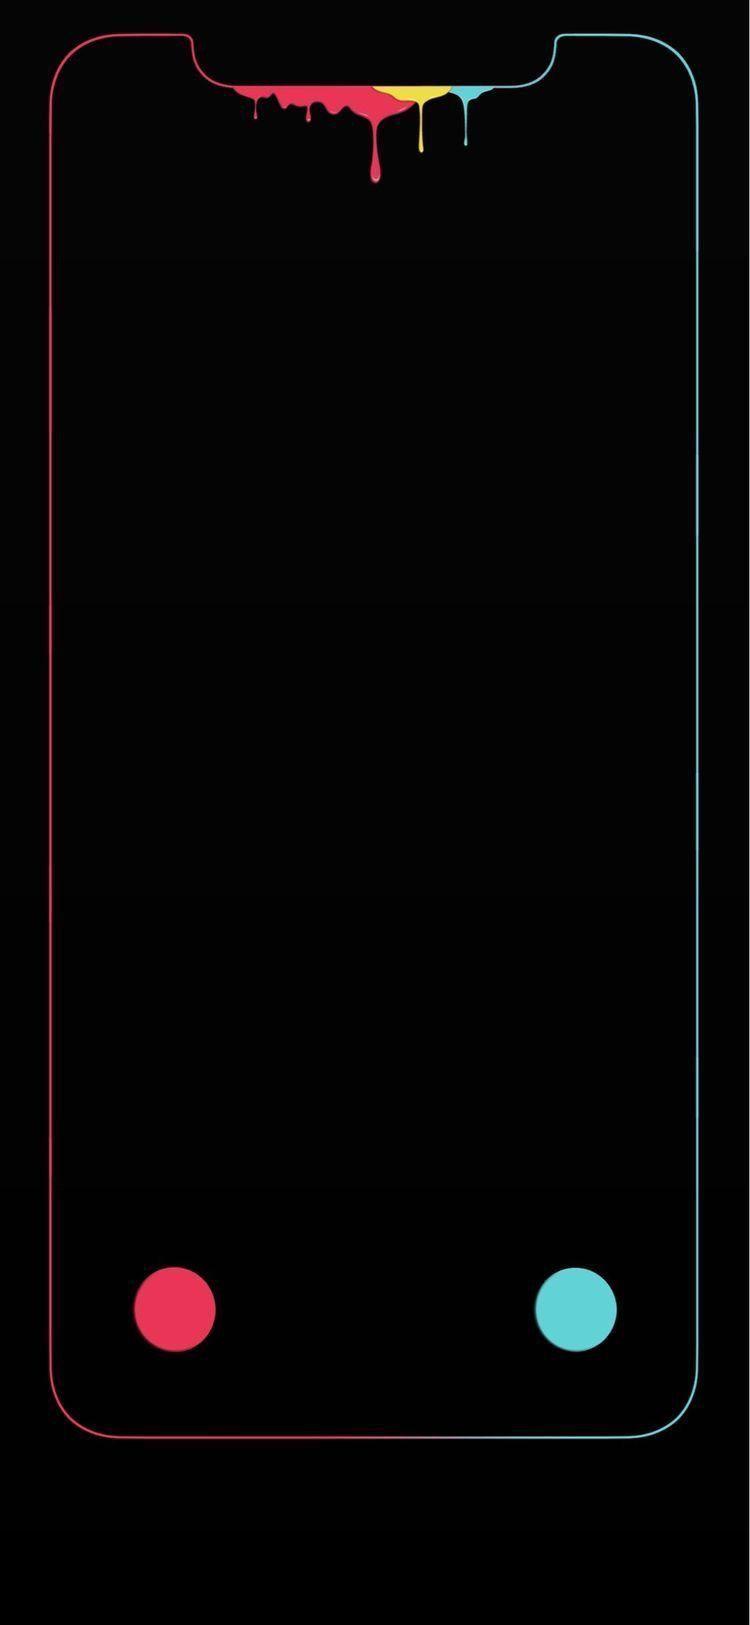 Iphone 11 Border Wallpaper : iphone, border, wallpaper, Phone, Wallpaper